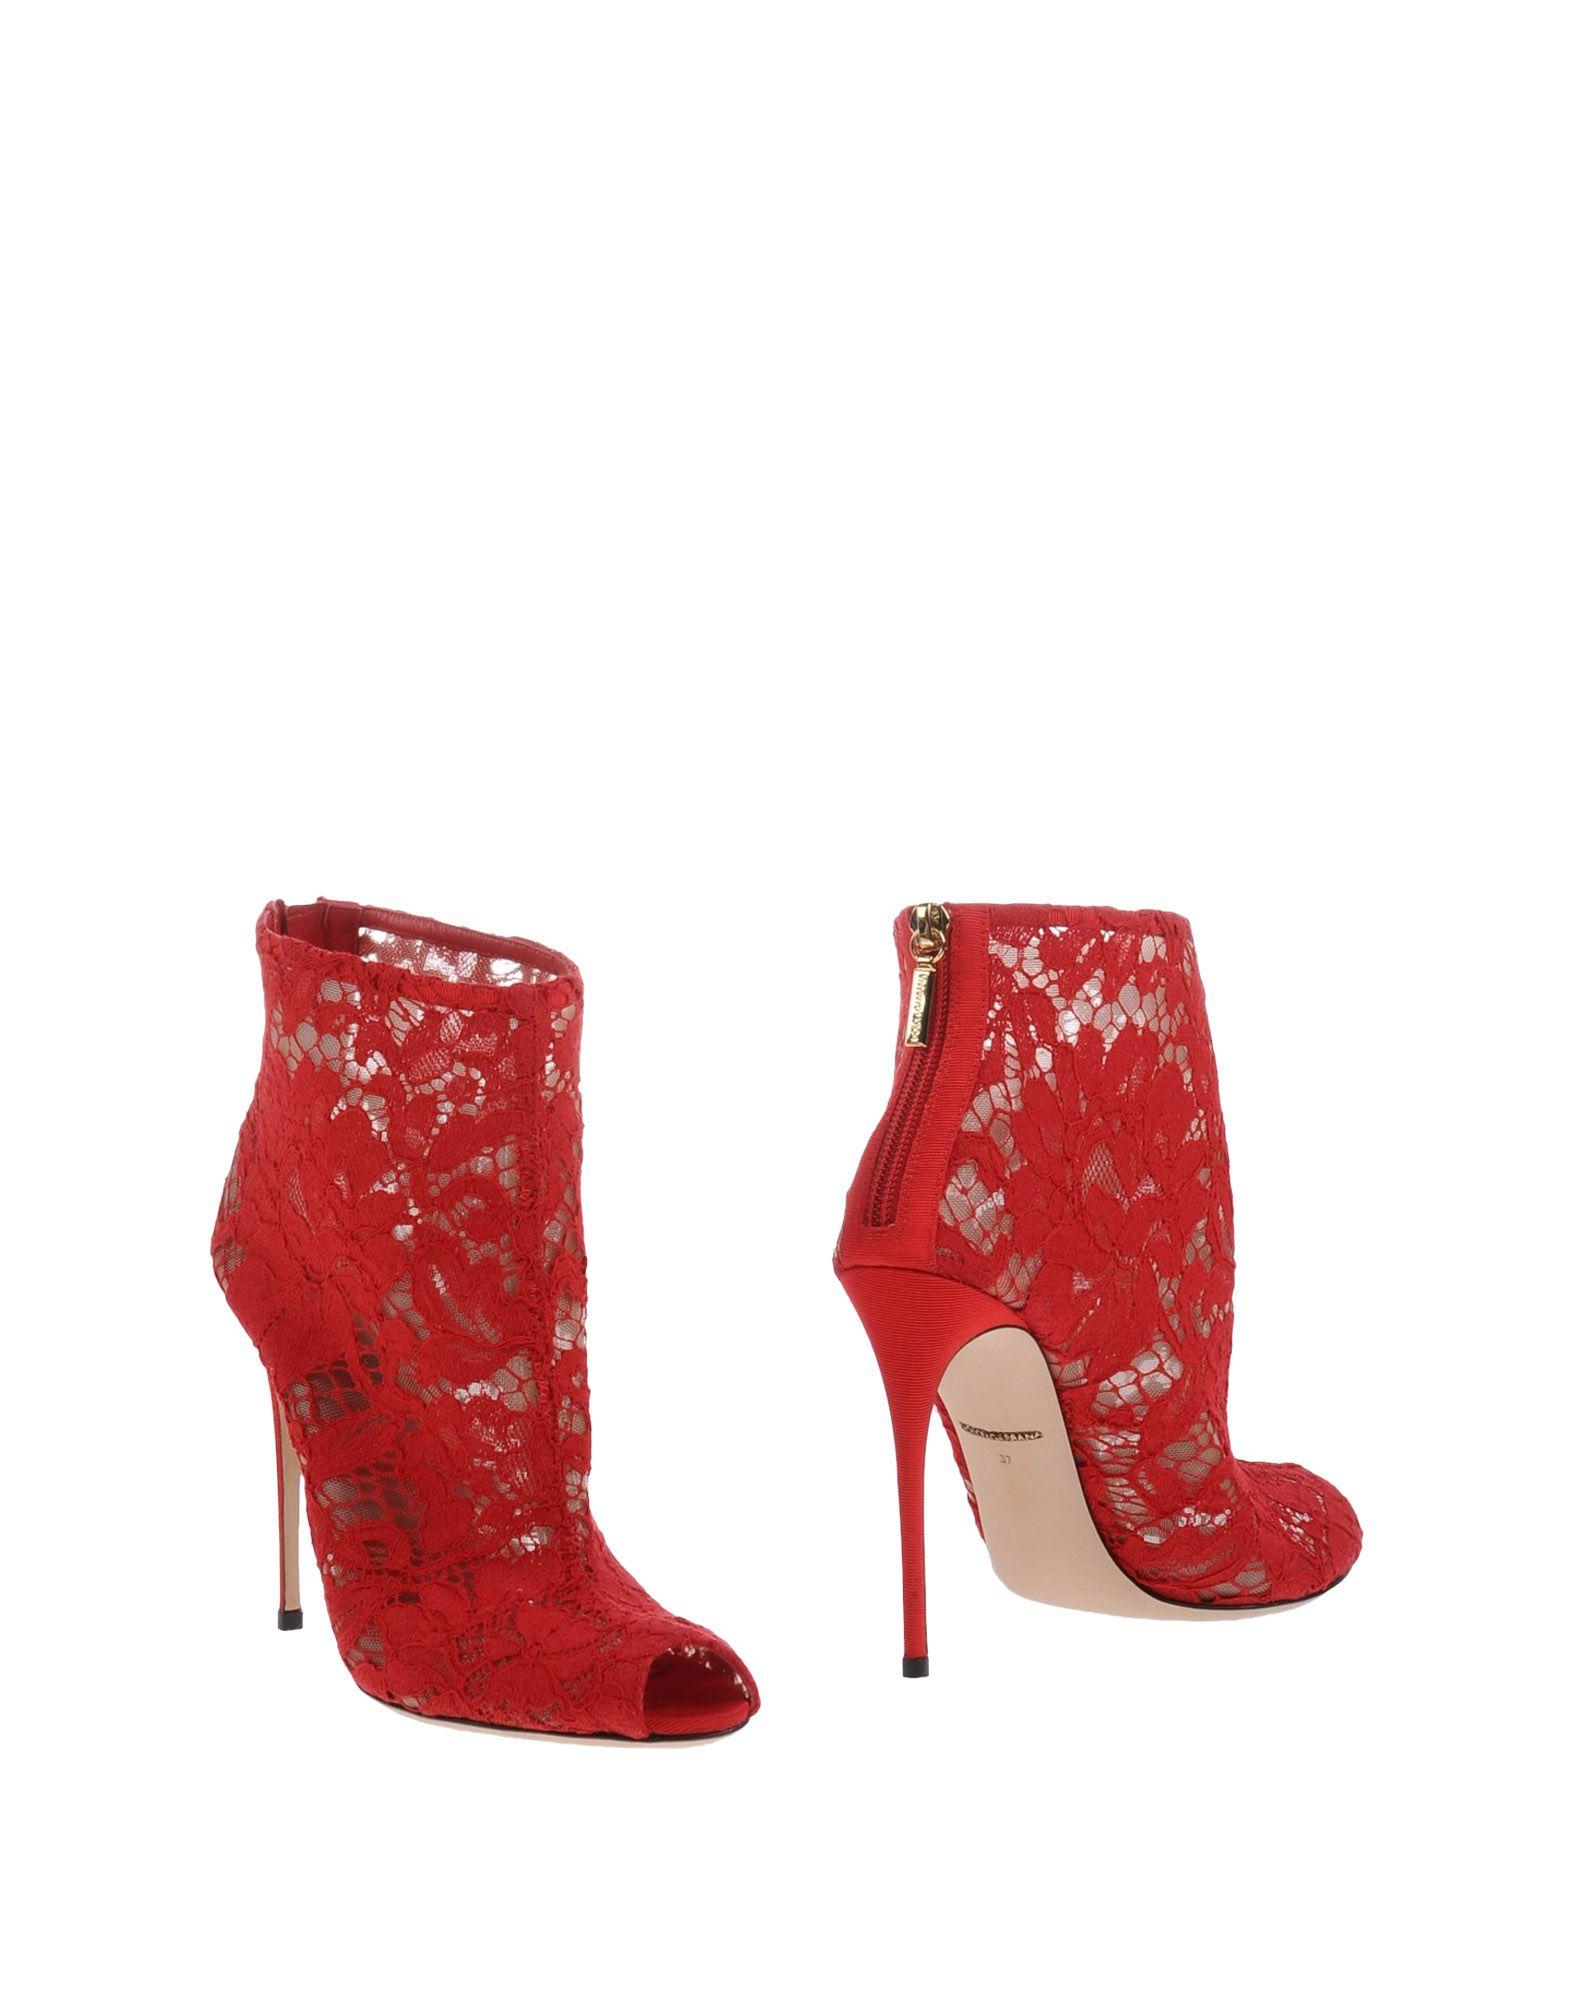 Scarpe Stivaletti economiche e resistenti Stivaletti Scarpe Dolce & Gabbana Donna c8b5e8